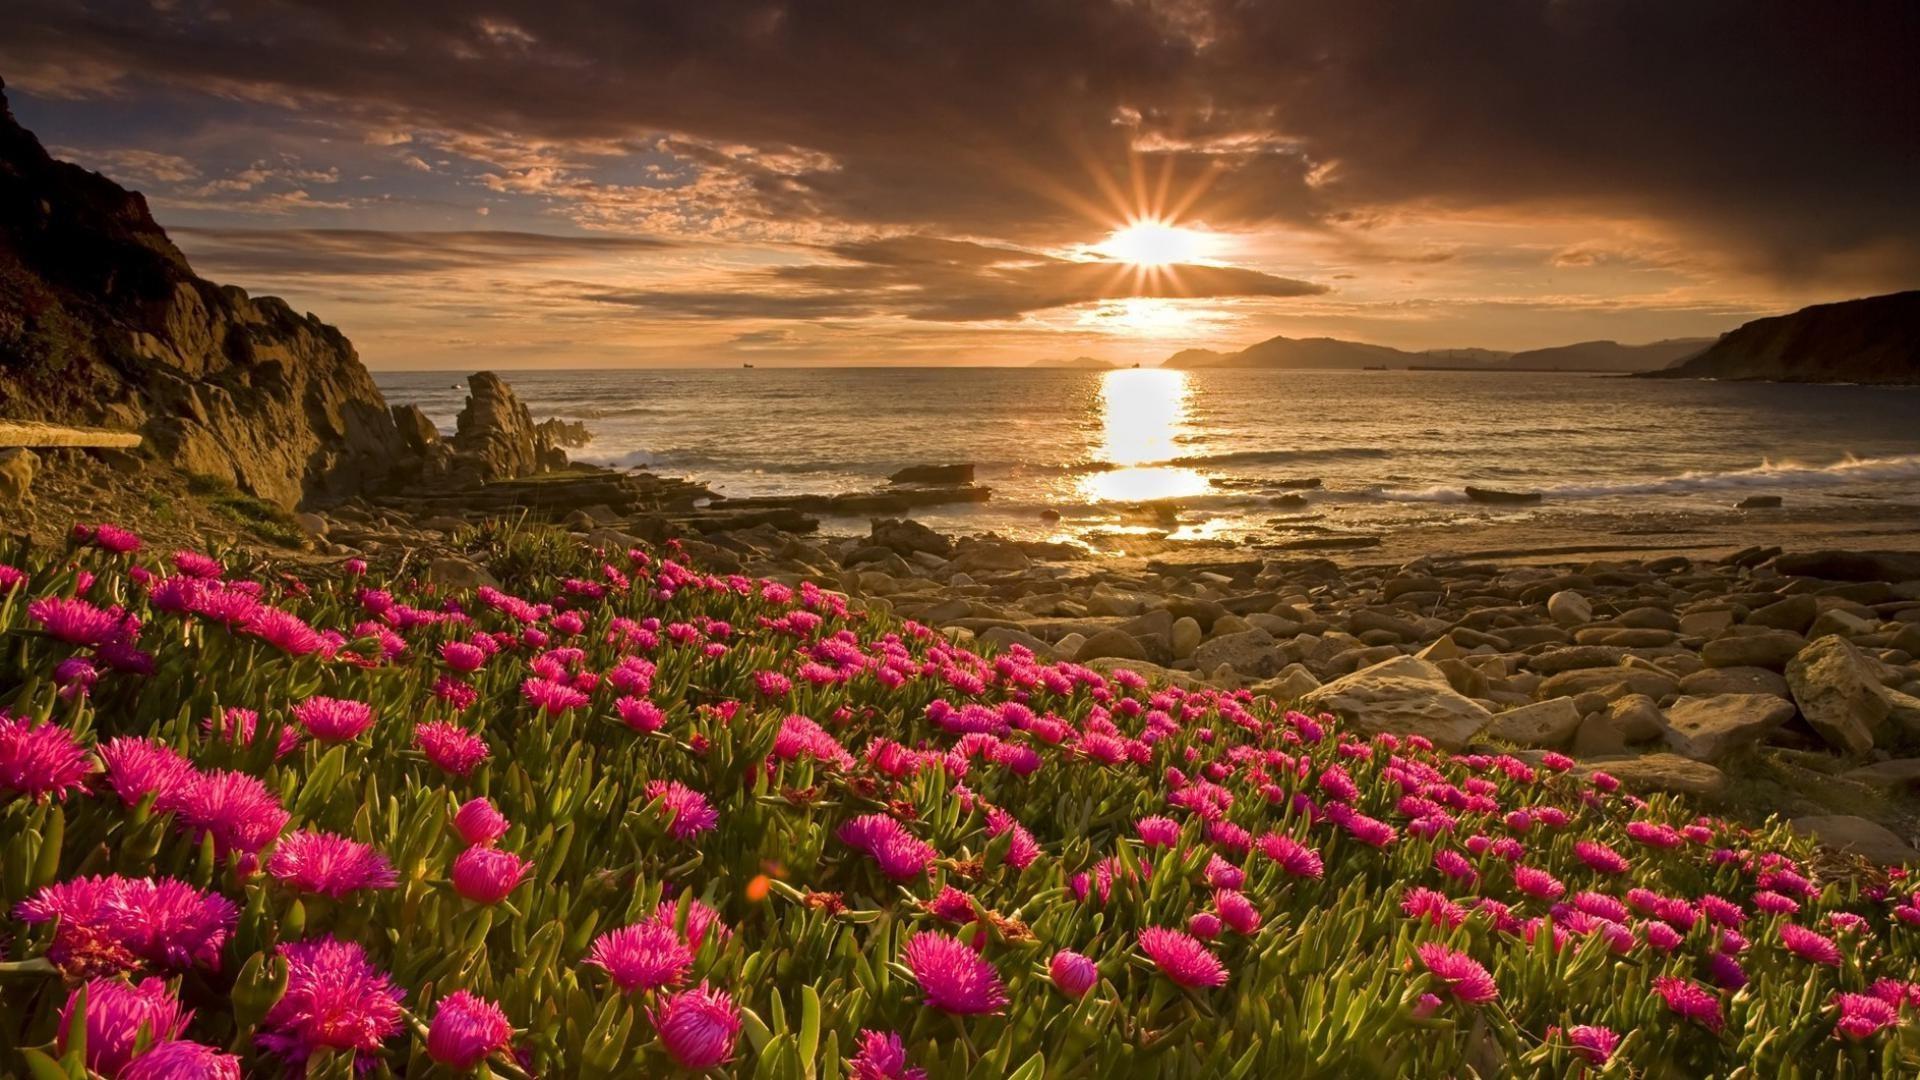 Красивые картинки природы с цветами шикарными, юбилеем татарском